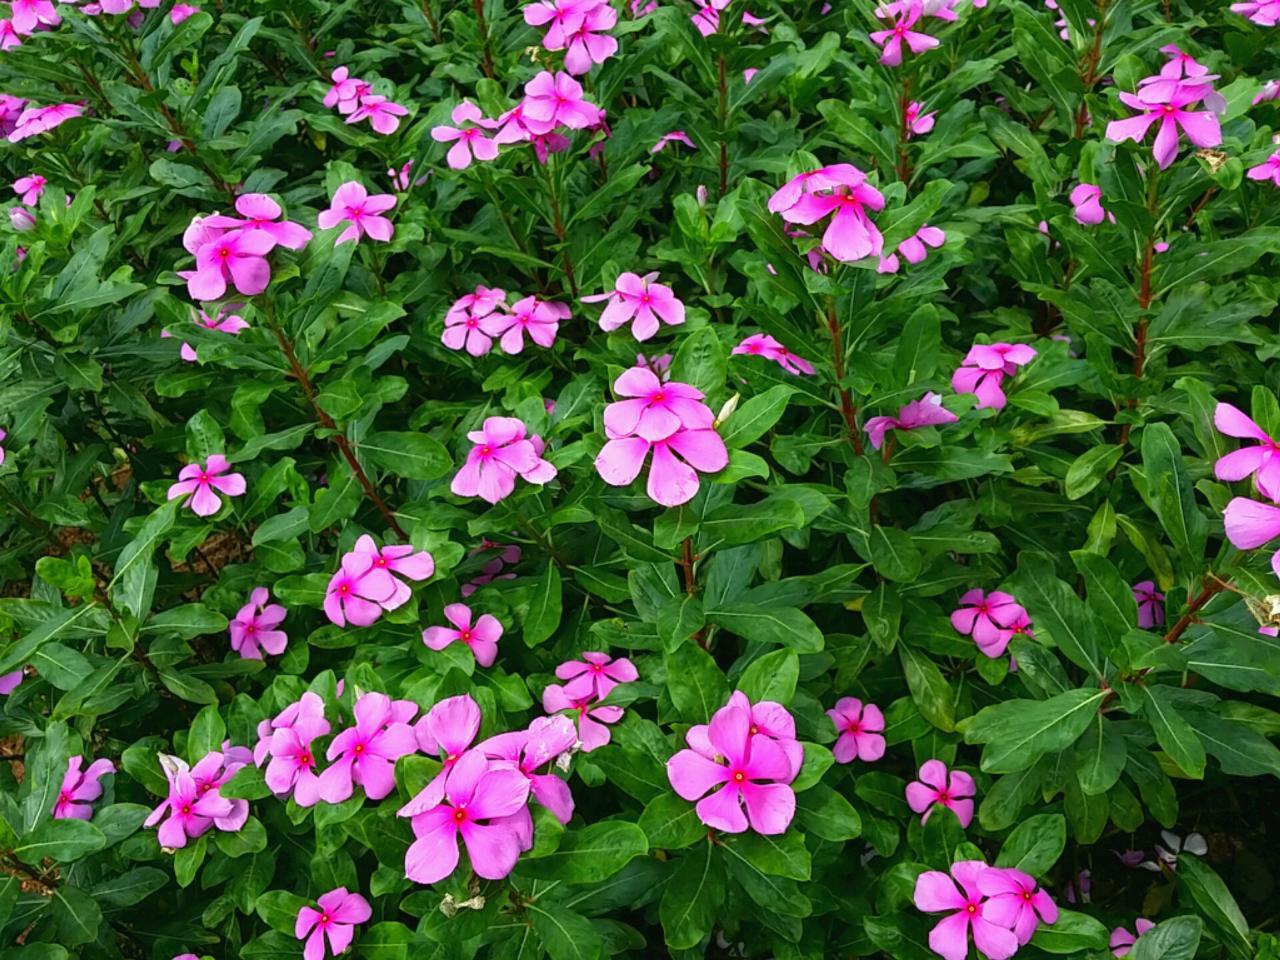 春天柳叶美景展示图片